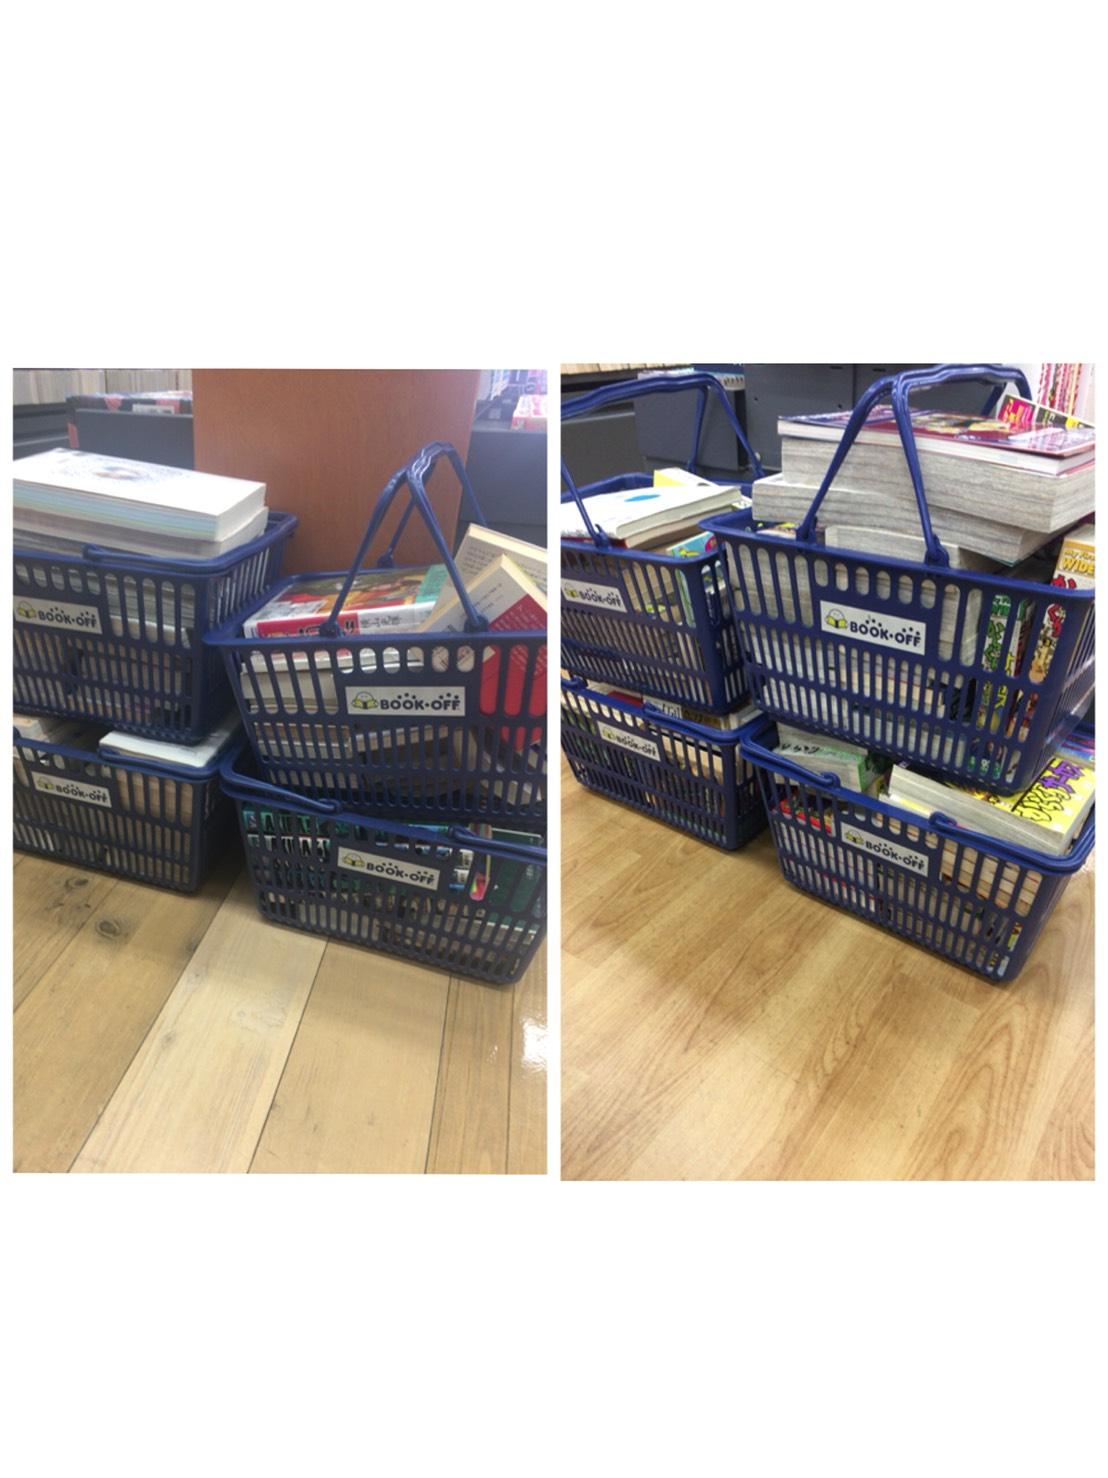 【ブックオフ】108円→2,254円+300円の鉄板雑誌!!